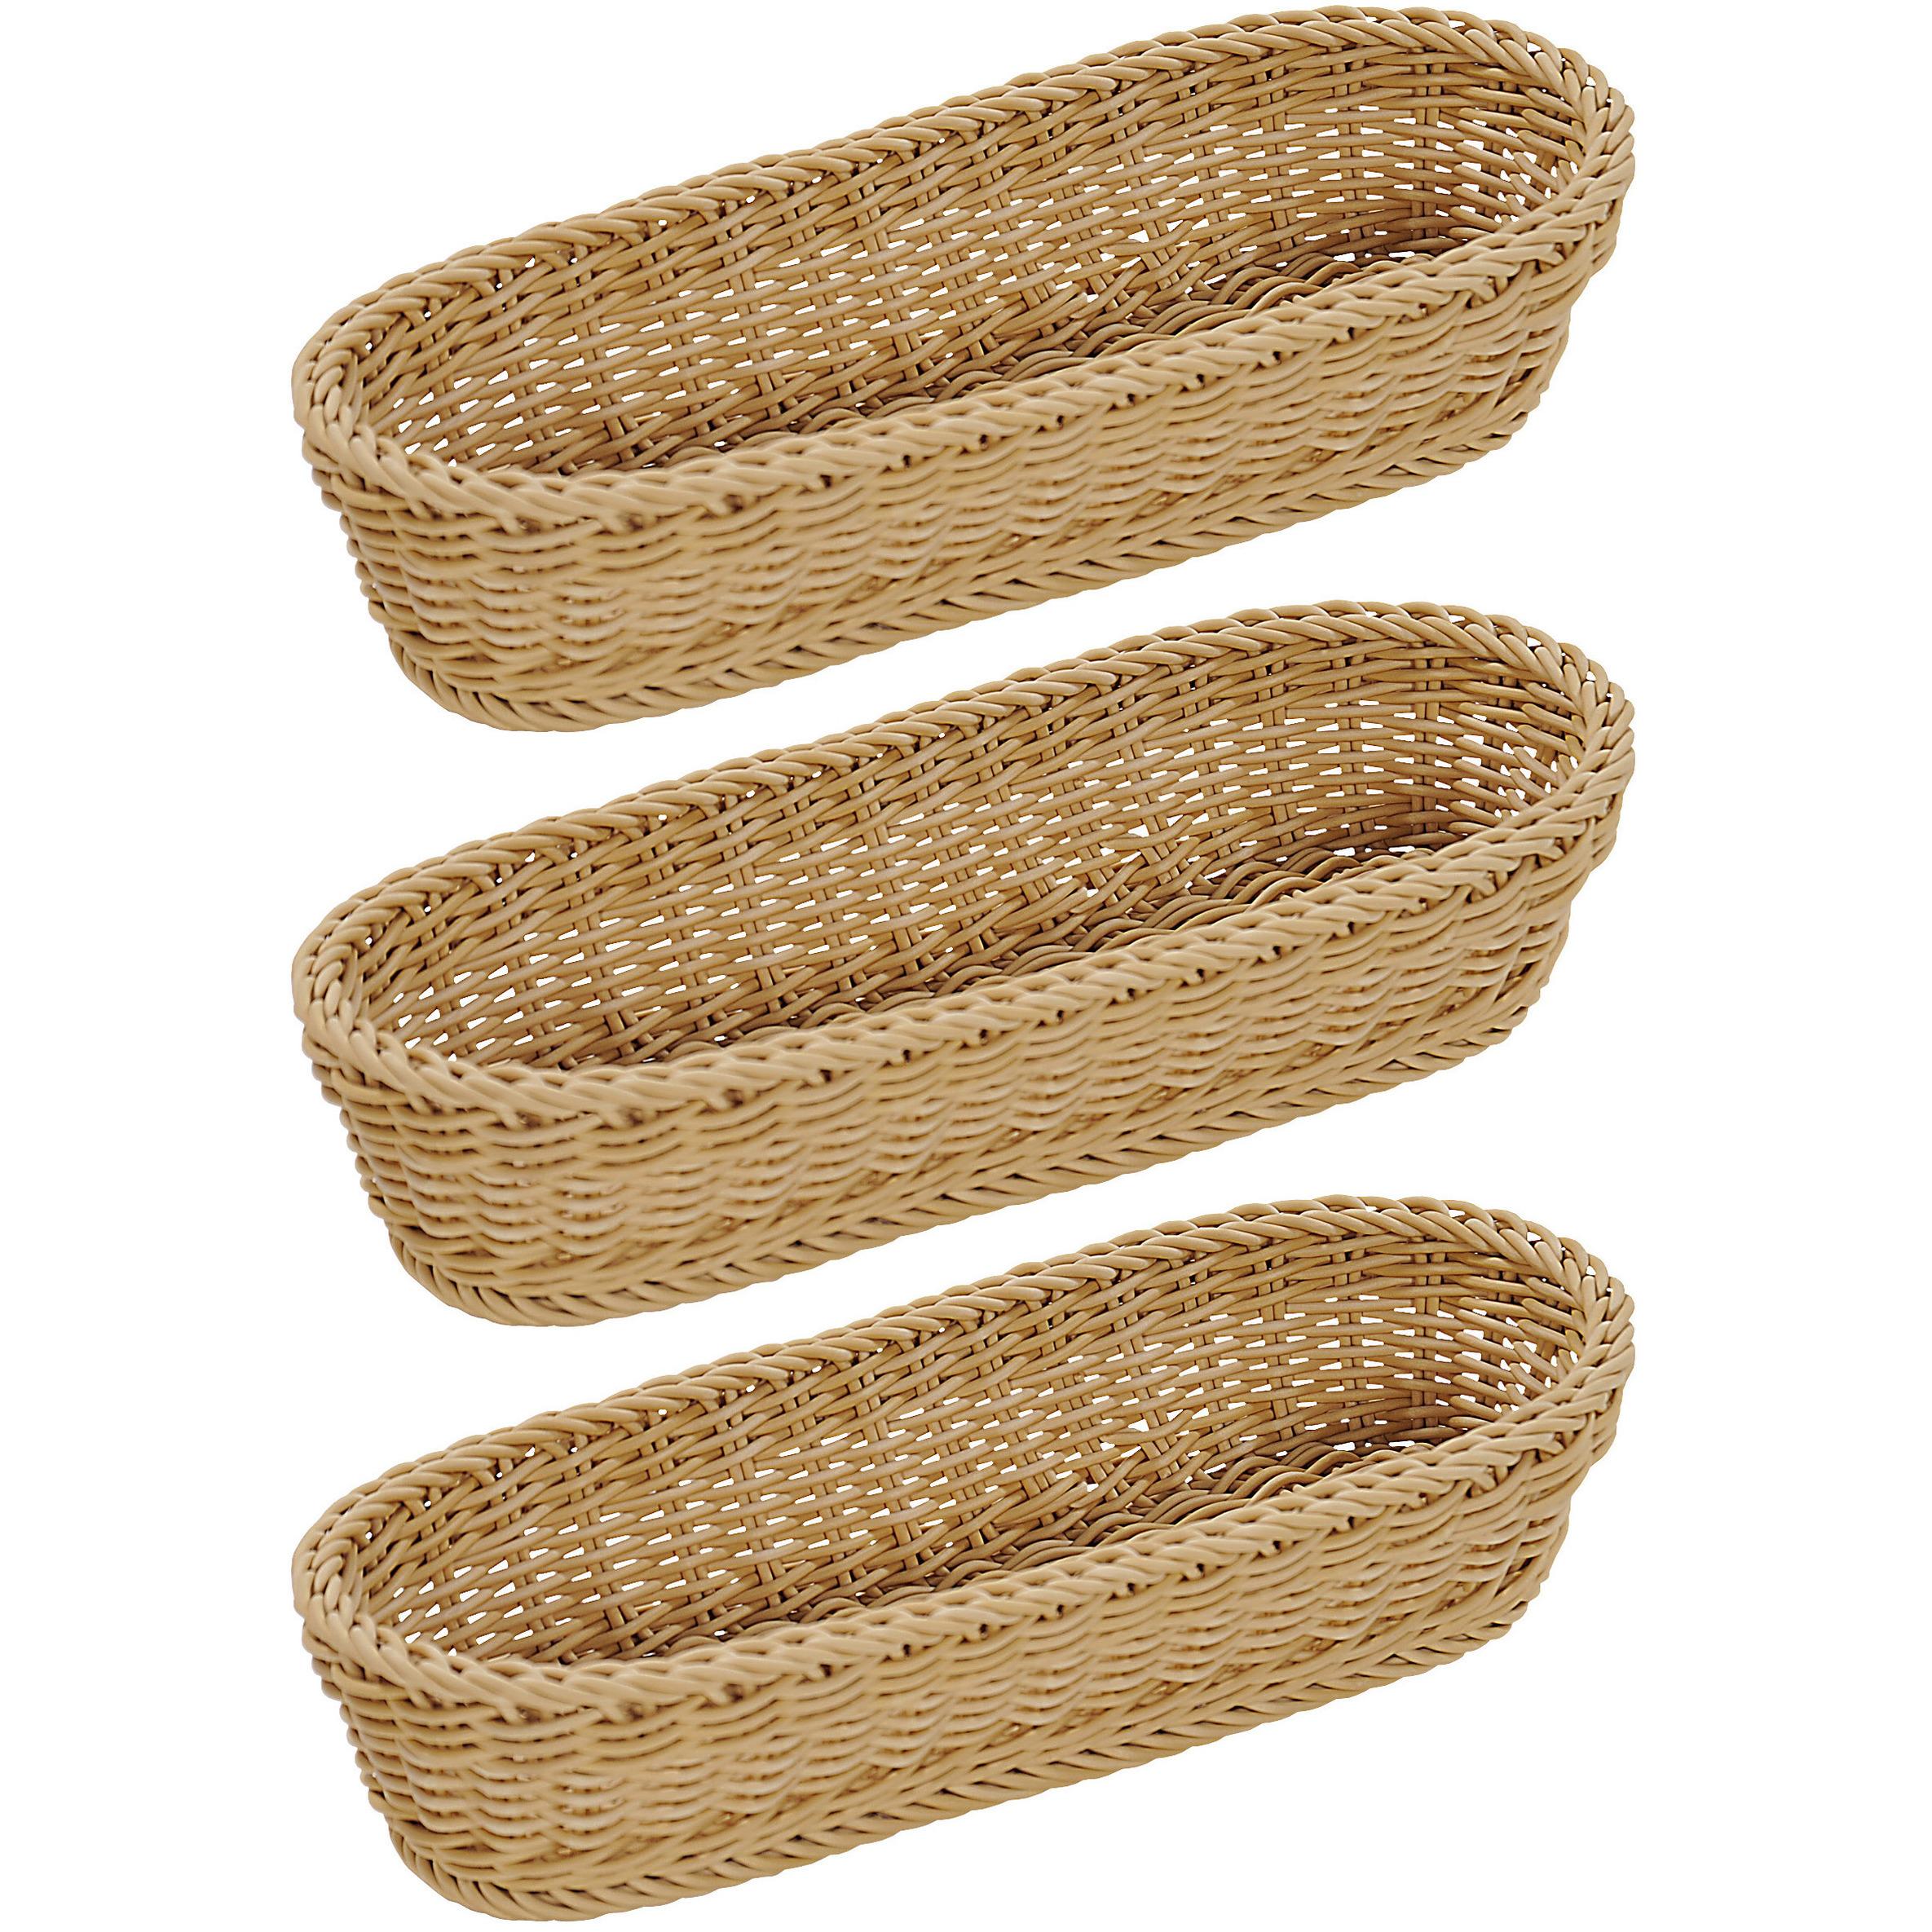 3x Langwerpig stokbroodmandje-broodmandje 41 x 16 x 7 cm gevlochten riet uiterlijk